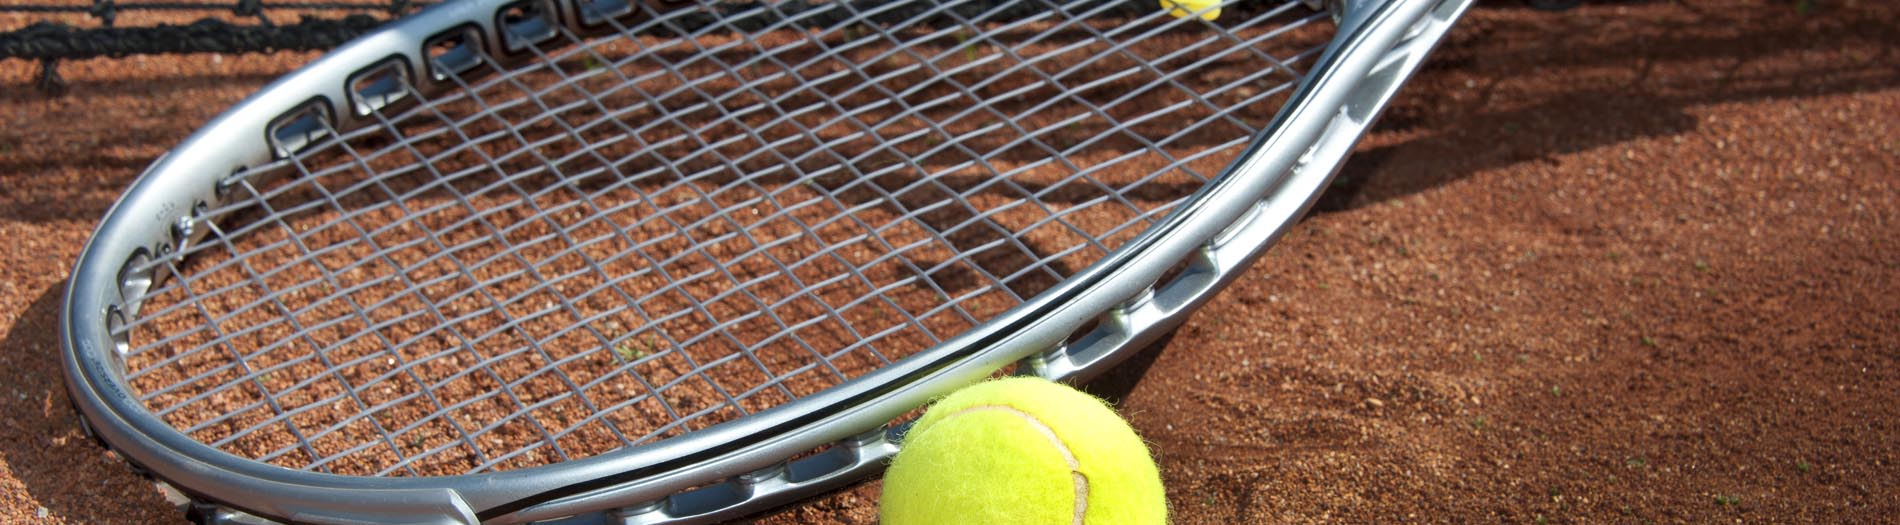 Tennis_MHP2723_1900